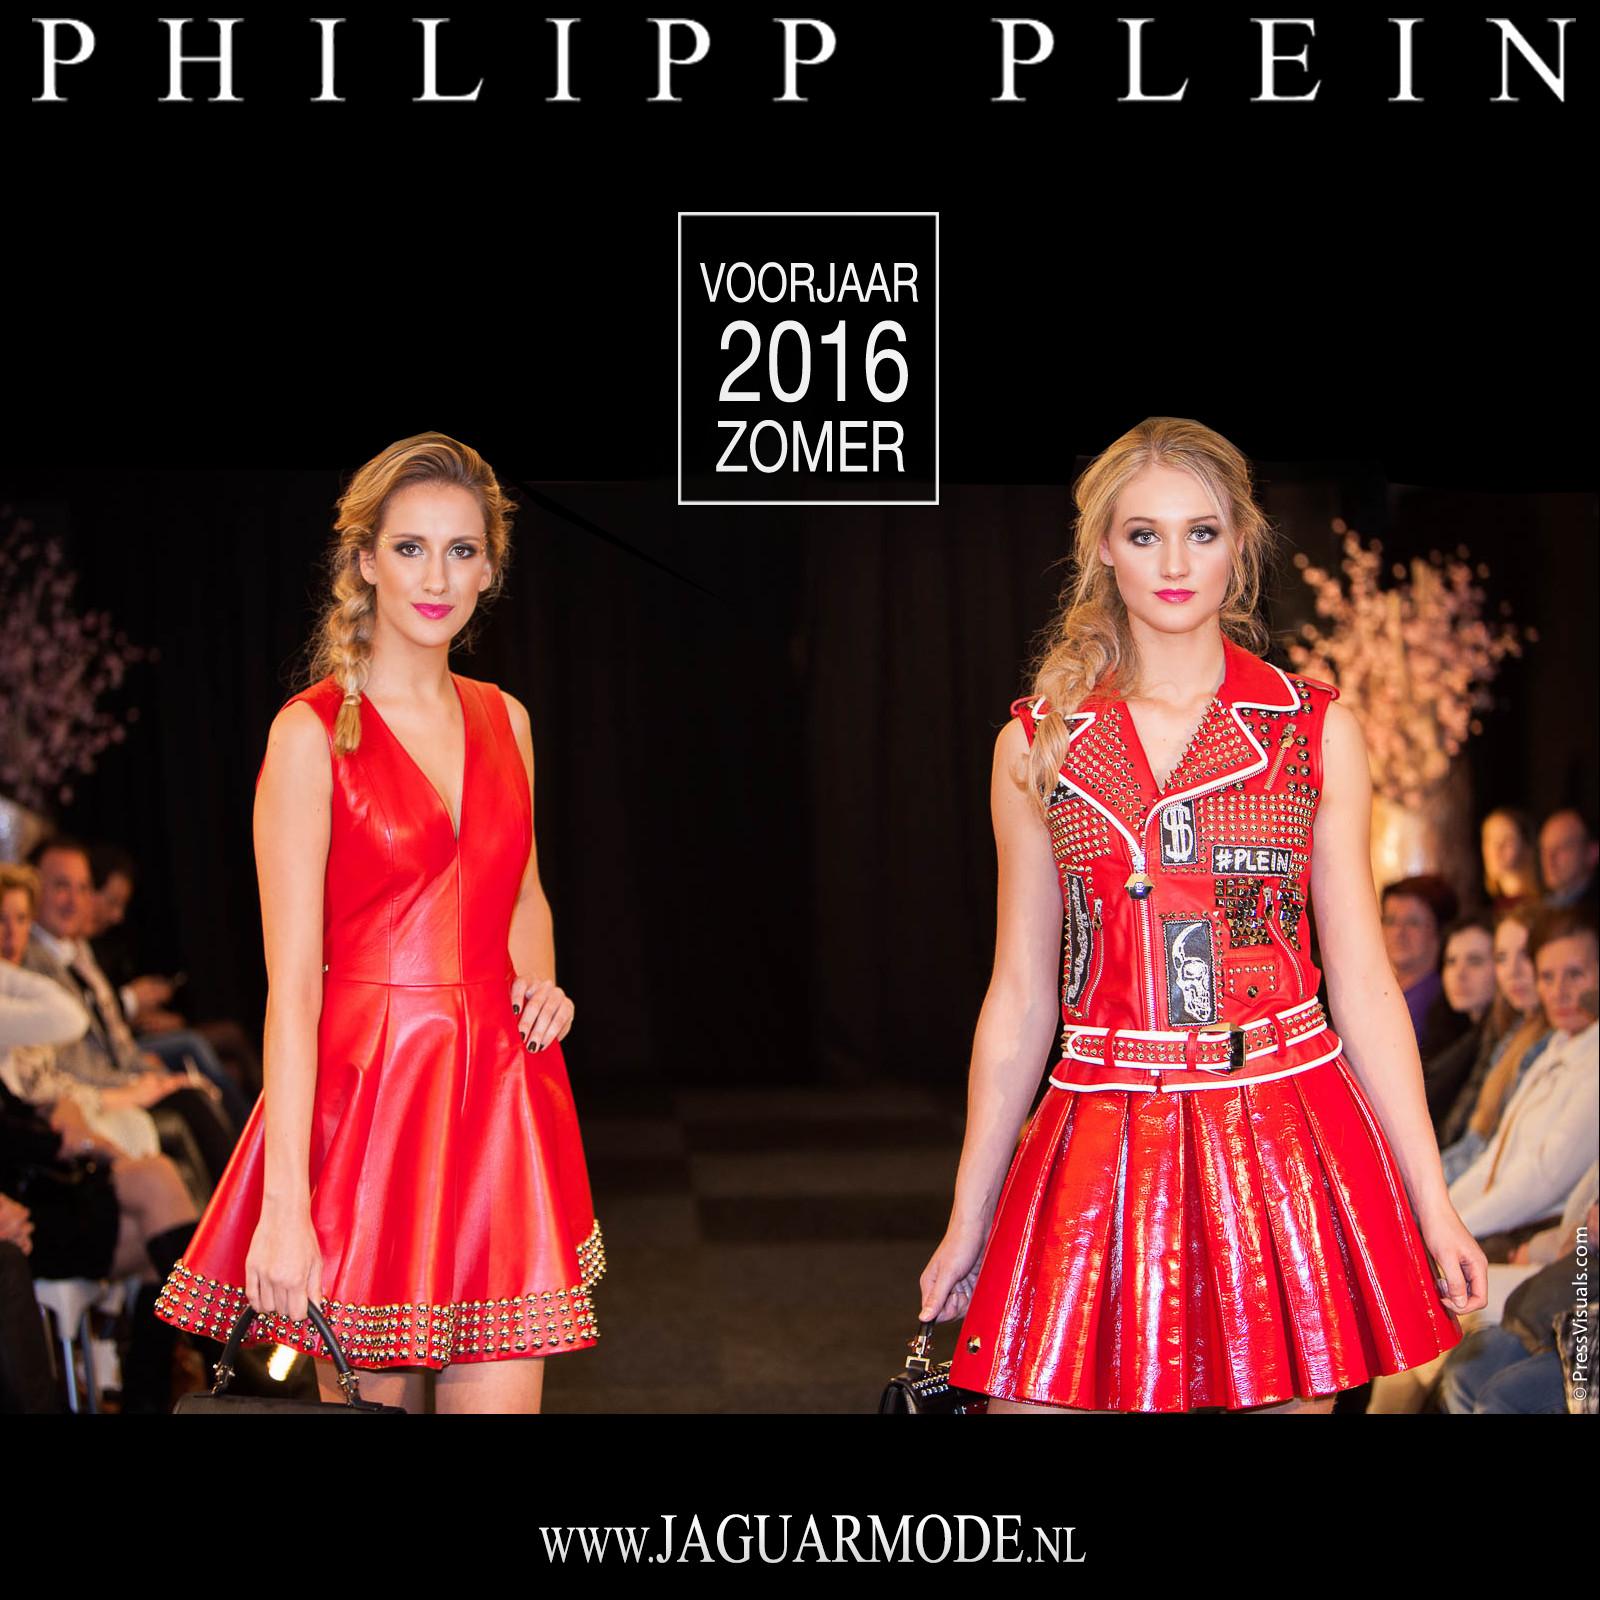 Fashionshow Excellent Beurs